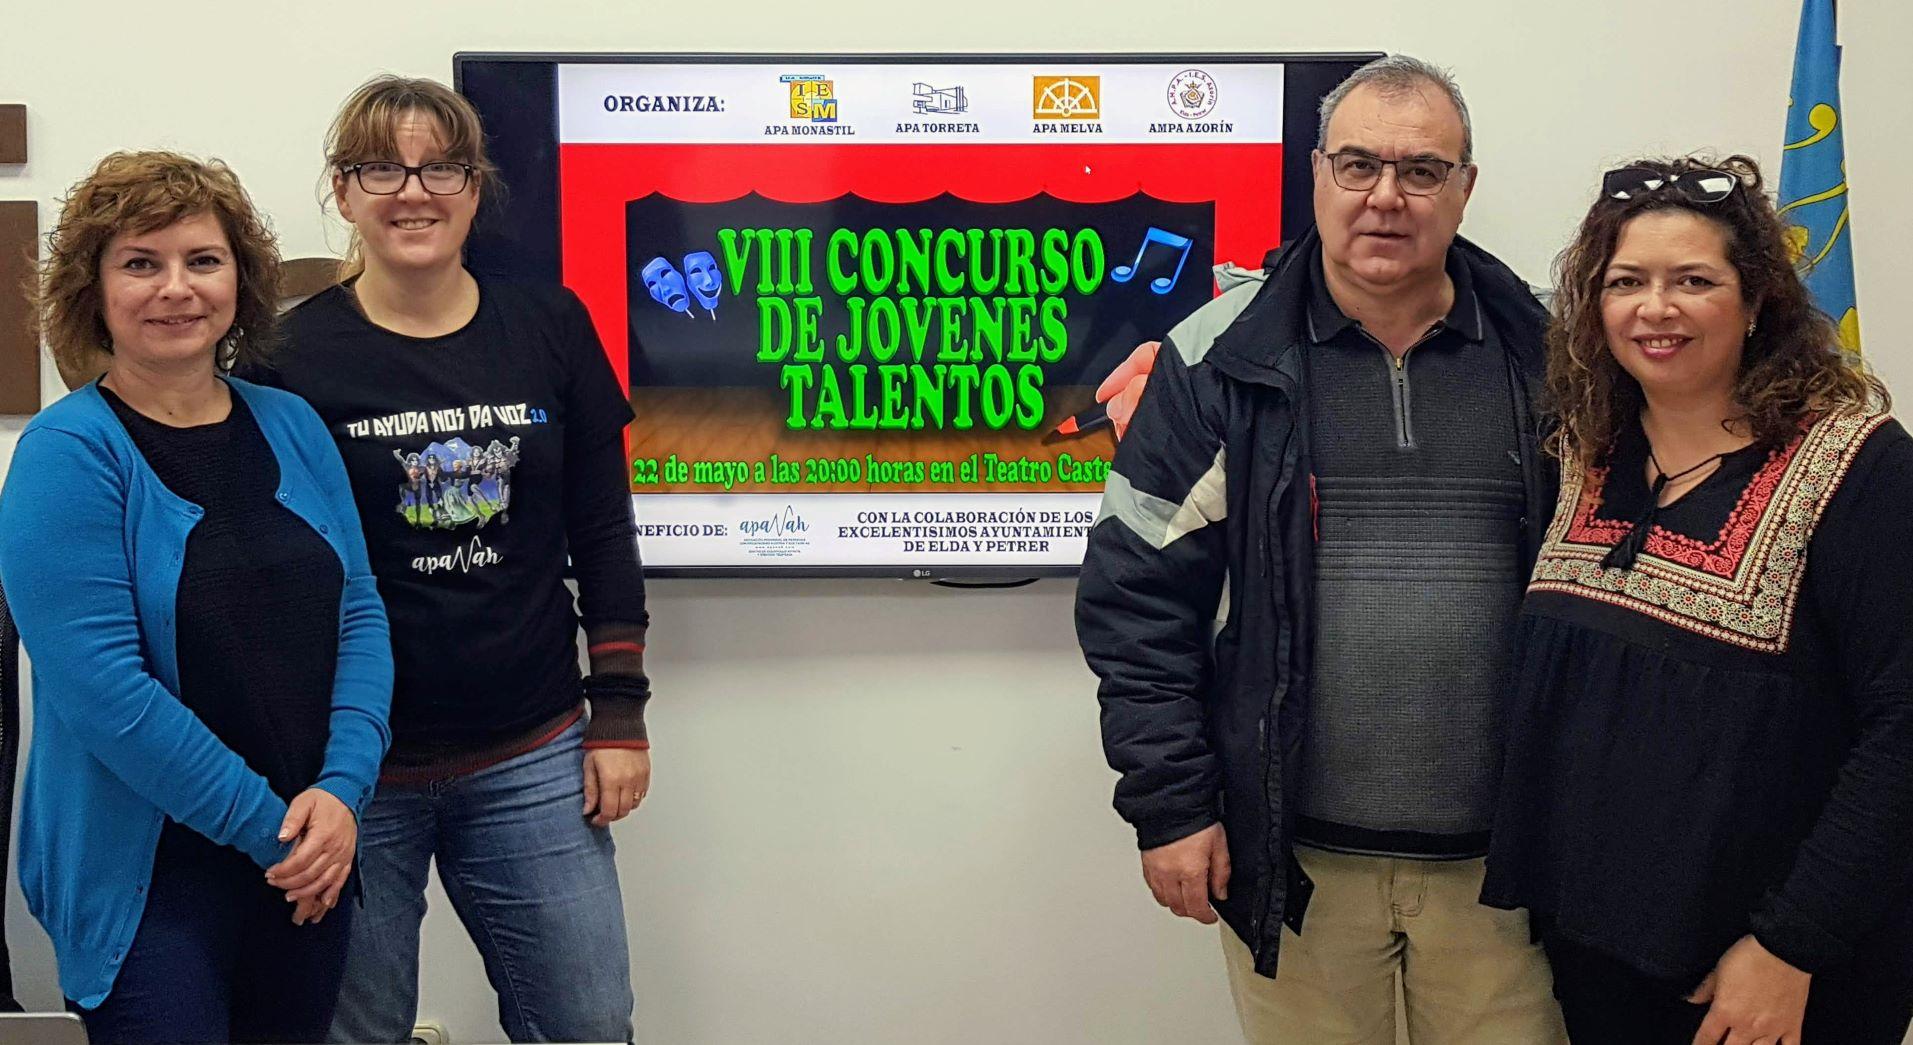 Alumnos de tres IES de Elda y uno de Petrer participarán en el VIII Concurso Jóvenes Talentos 'Valle del Vinalopó'